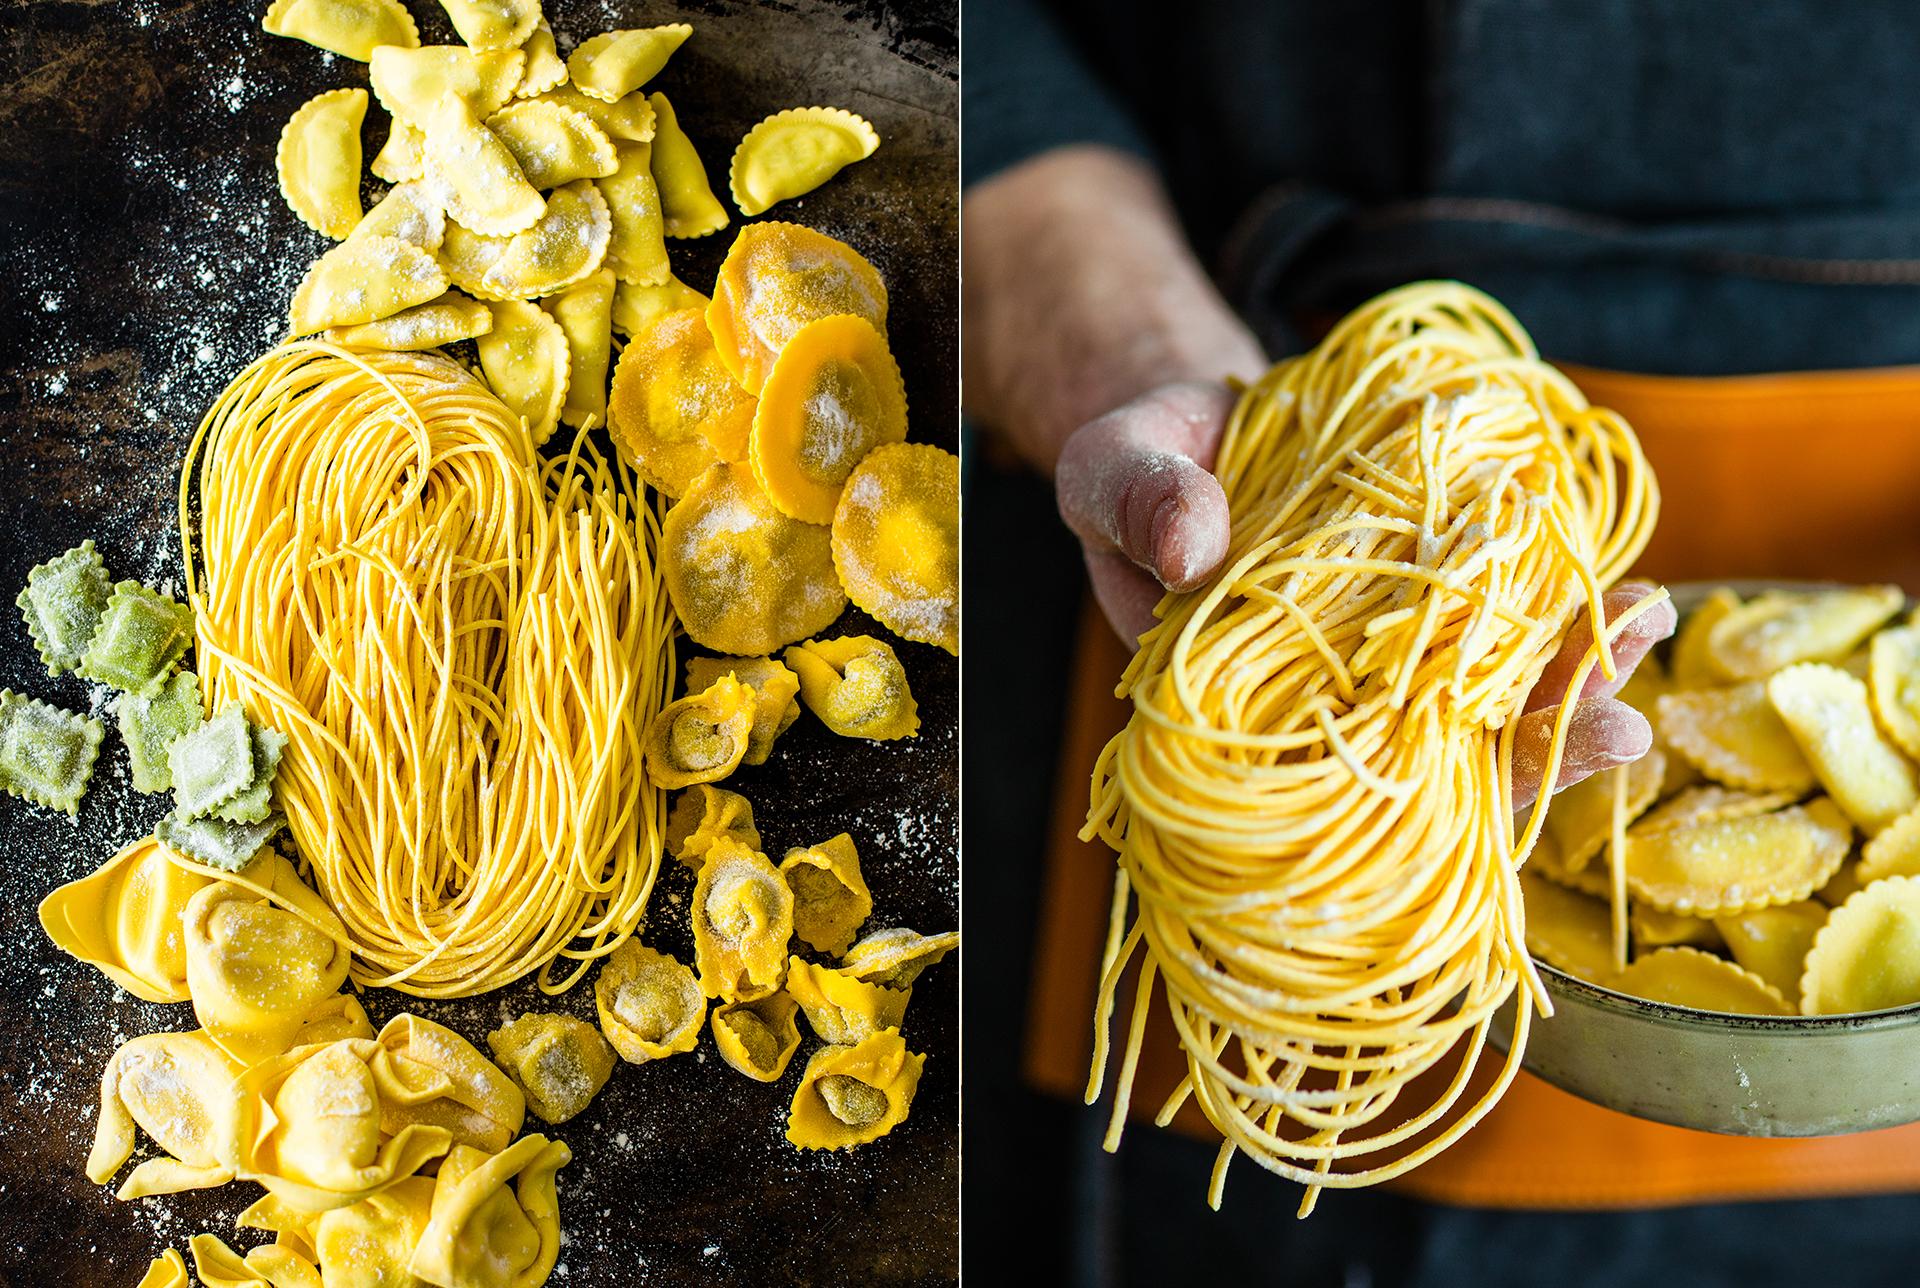 Stillleben mit verschiedene Pastasorten mit Mehl auf dunklem Untergrund. Person haelt Spaghetti und eine Schale mit Ravioli. Fotografiert von Katrin Winner Foodfotografie Muenchen